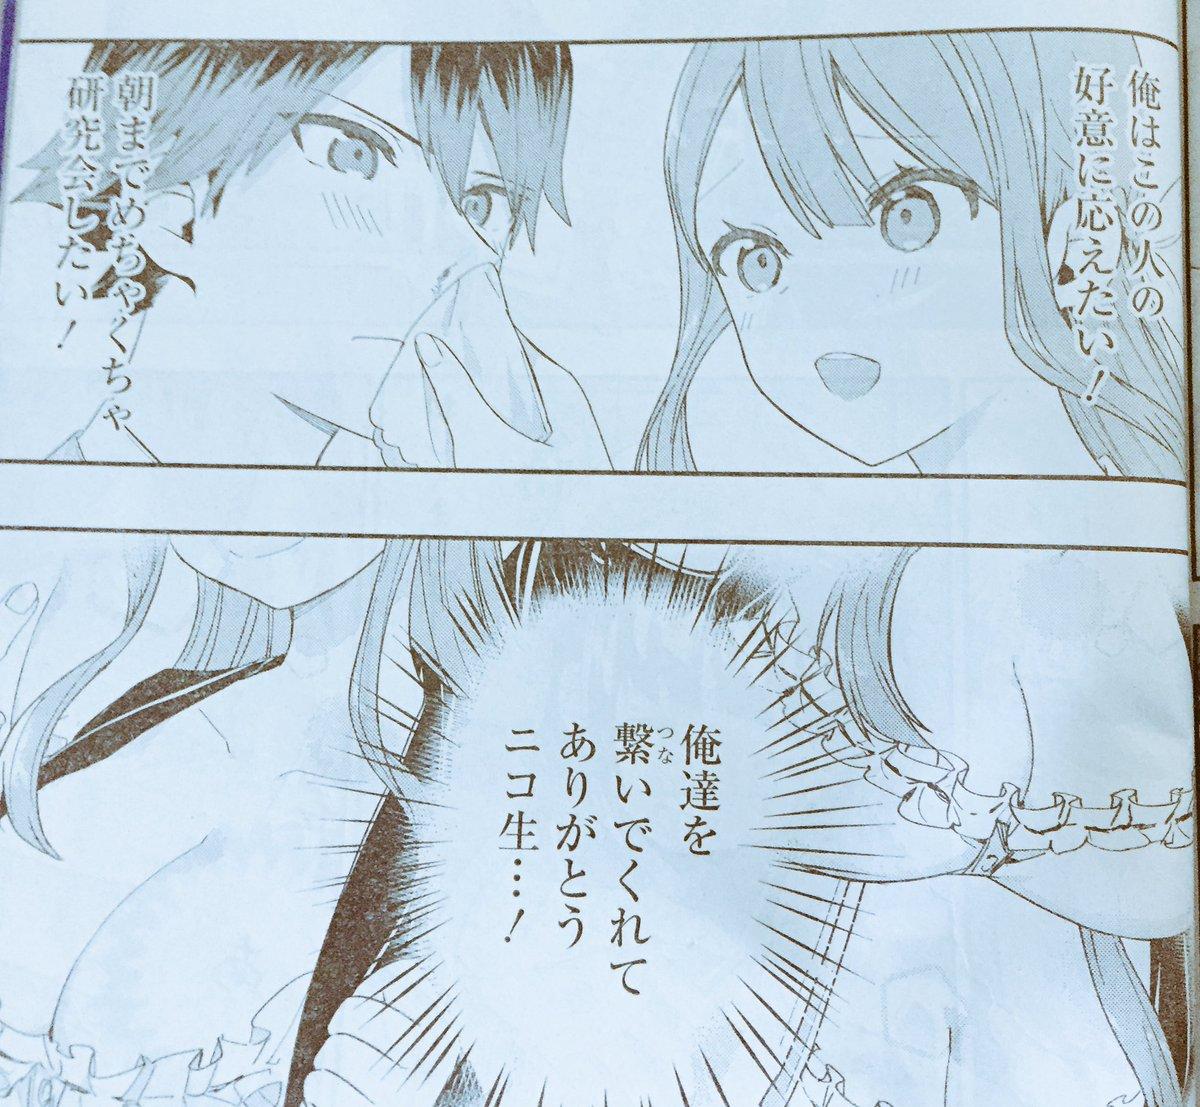 発売中のヤングガンガンに『りゅうおうのおしごと!』漫画版が掲載されています。  ありがとうニコ生…!!  #りゅうおうのおしごと